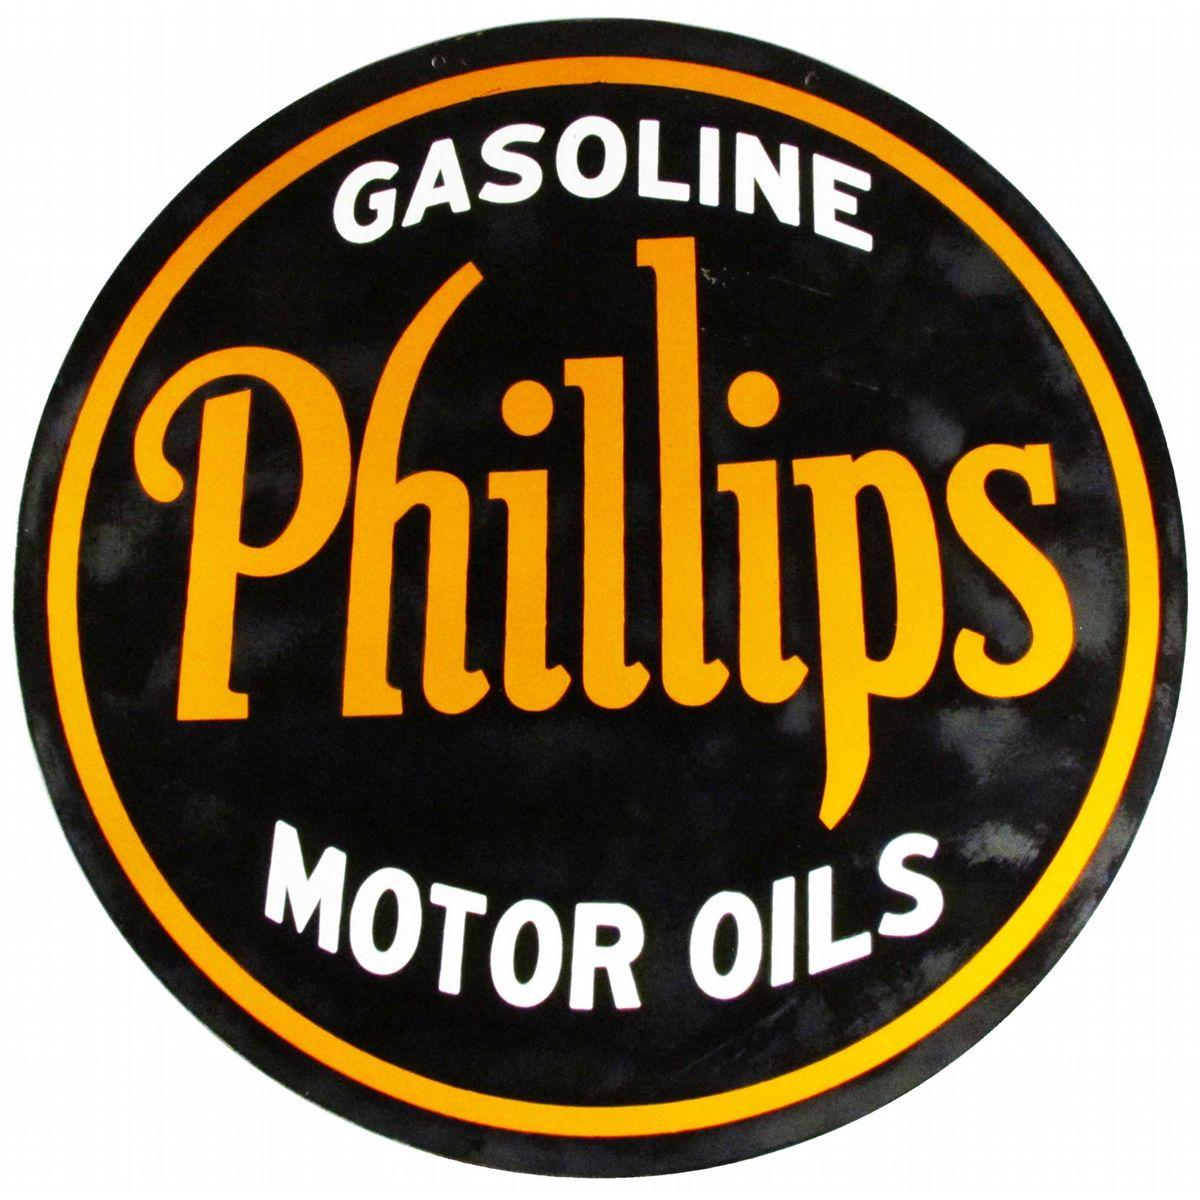 Phillips Gasoline Motor Oils vintage sign